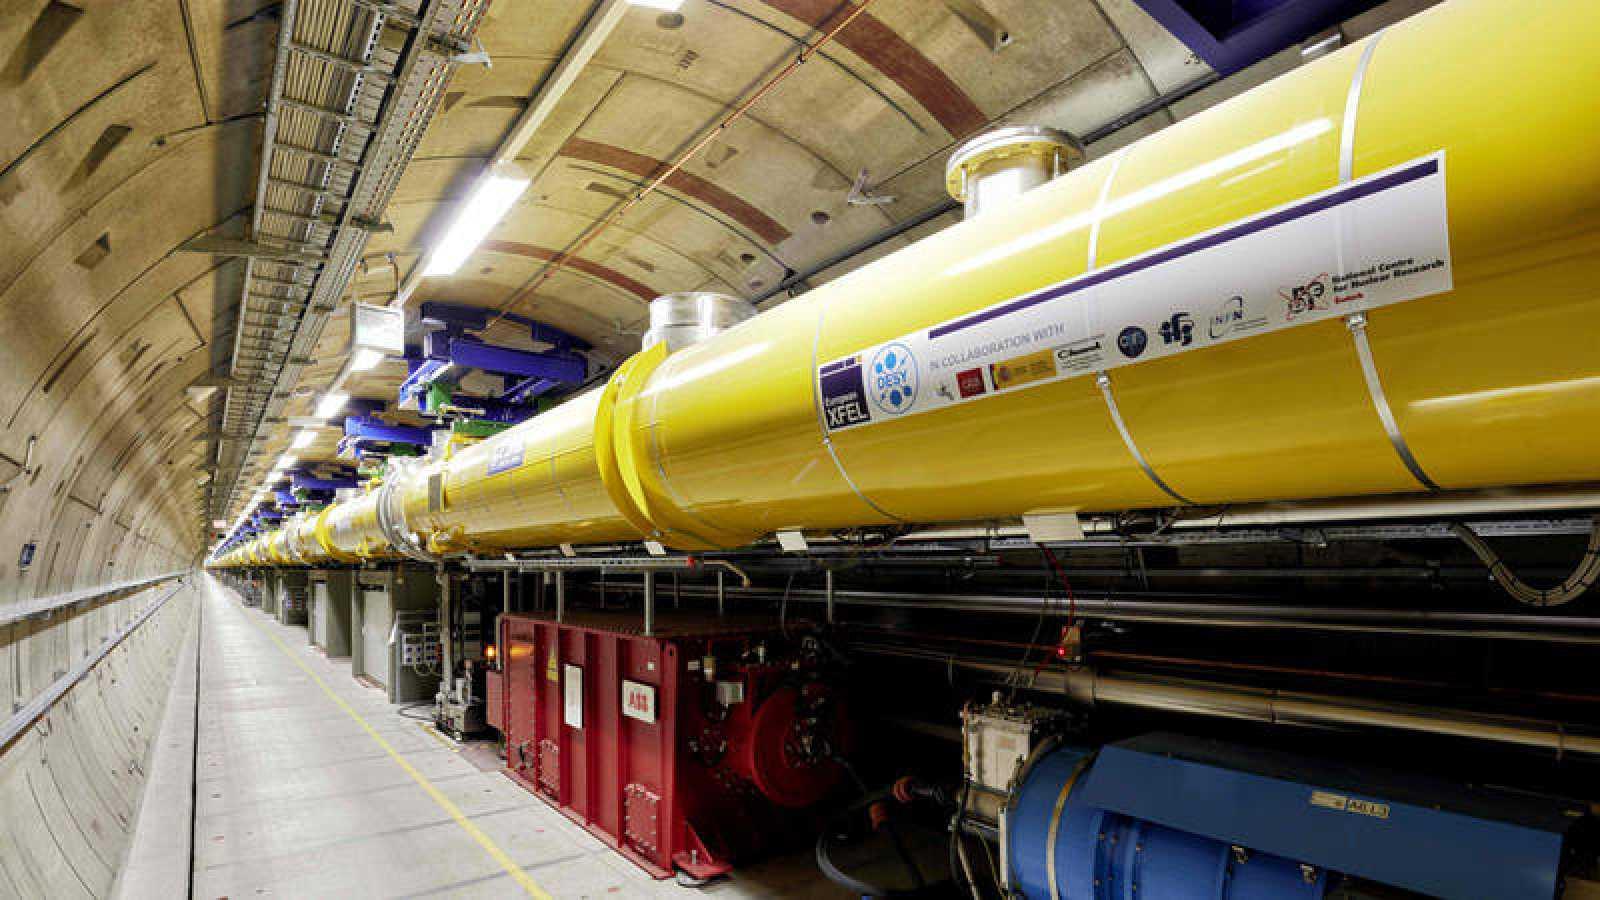 El sistema de túneles del  XFEL -'X-Ray Free-Electron Laser'- en una instalación cerca de Hamburgo, en Alemania